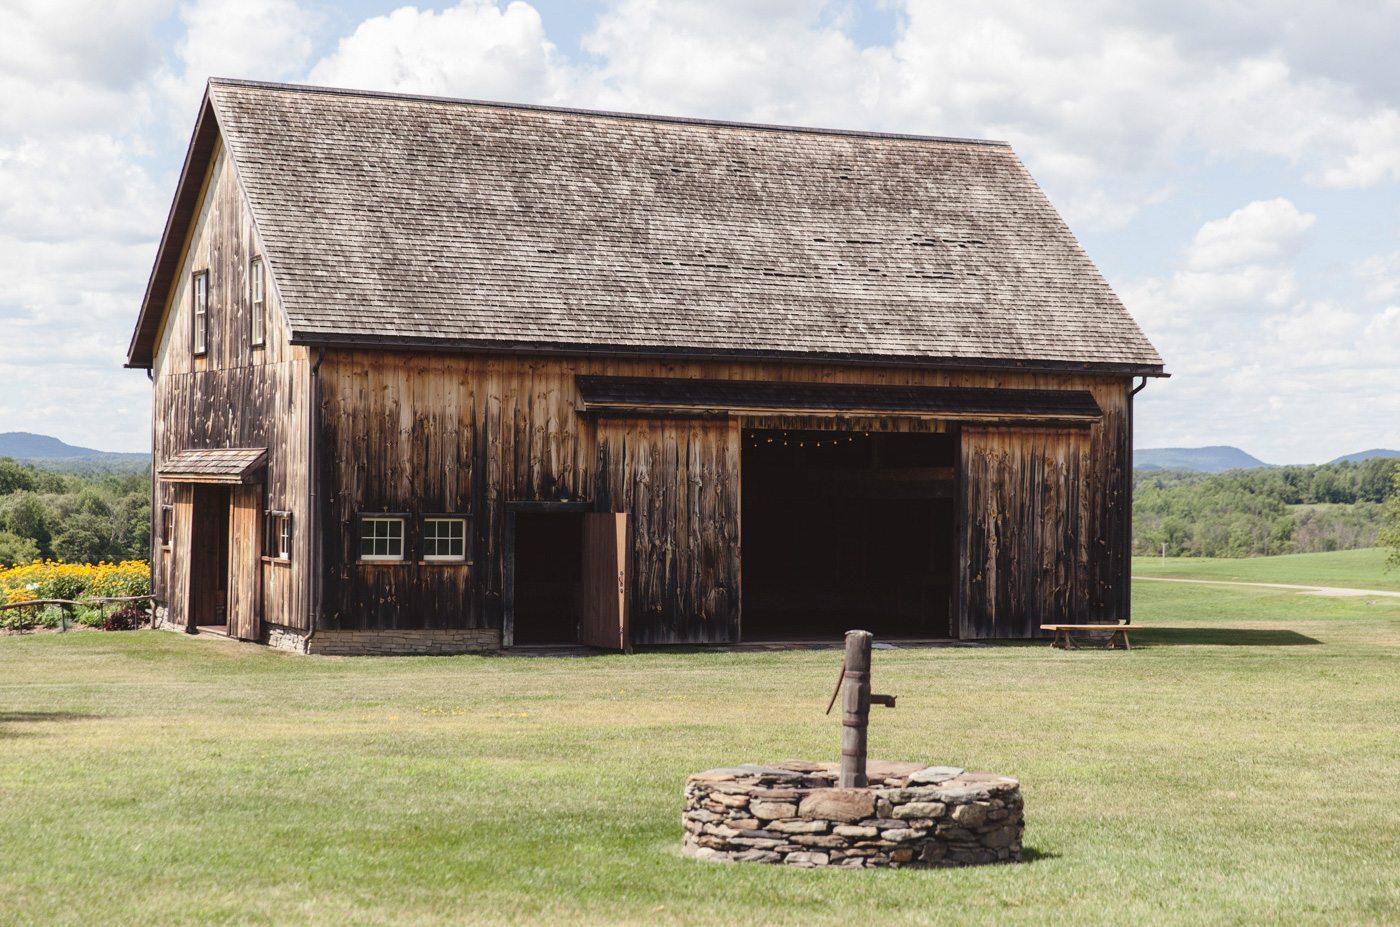 German Barn at Historic Barns of Nipmoose, Photograph by Chelsea